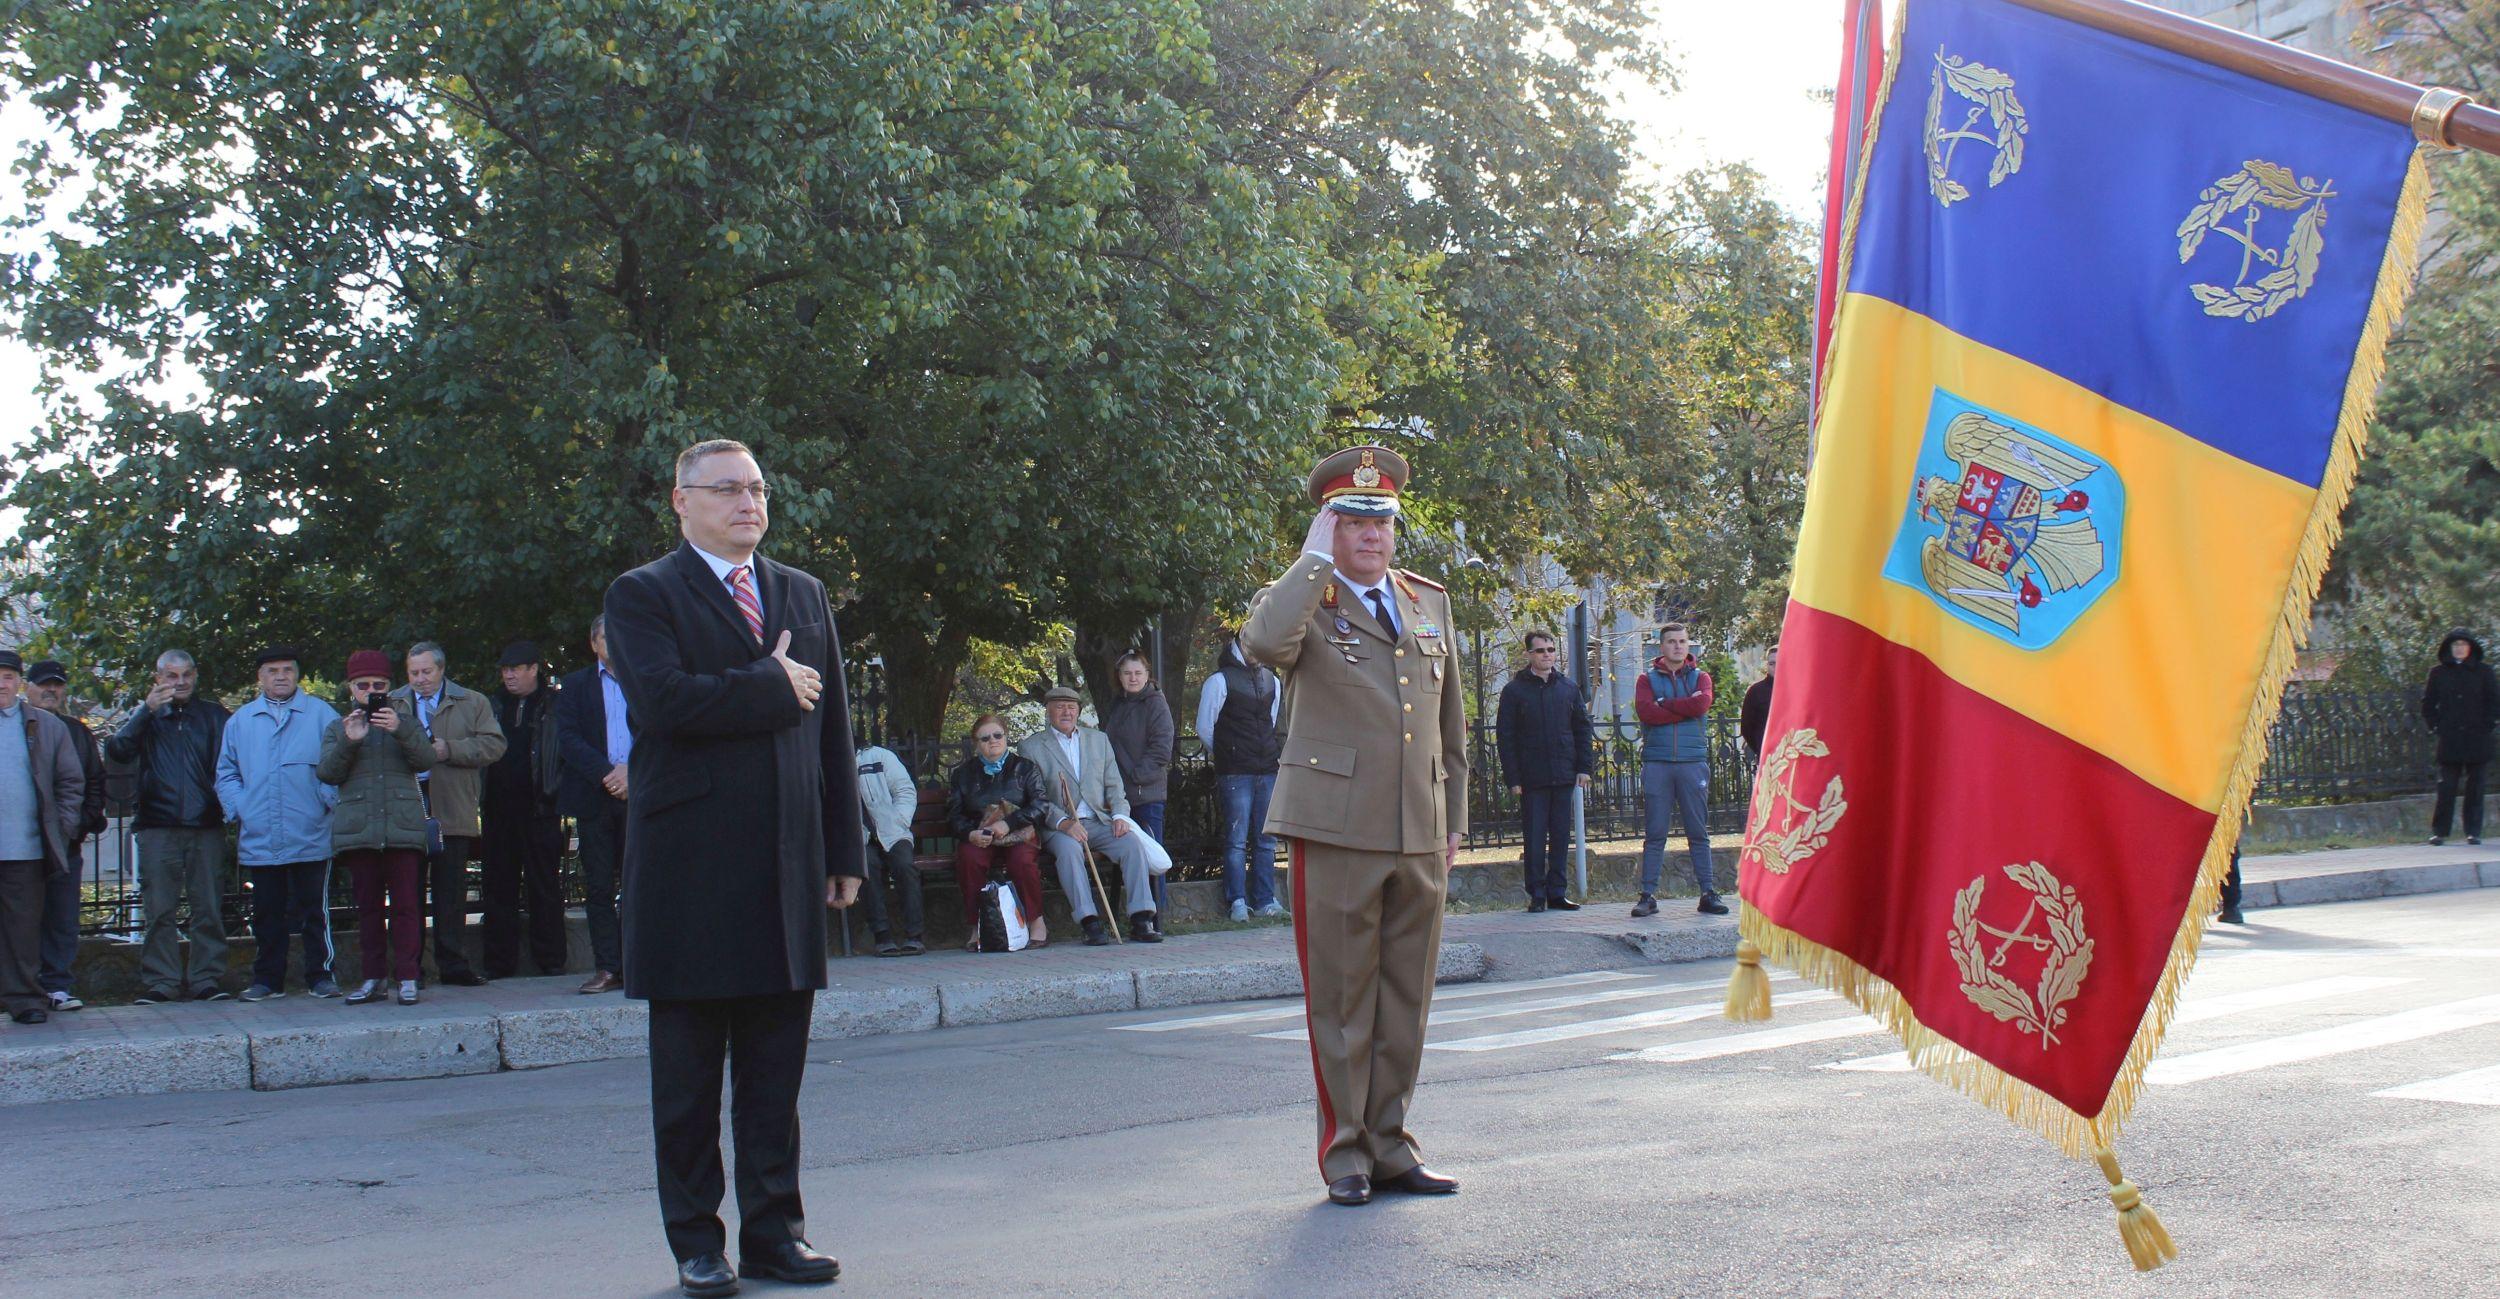 Ziua Armatei, 25 octombrie 2018 - Mausoleul Eroilor mun. Focsani